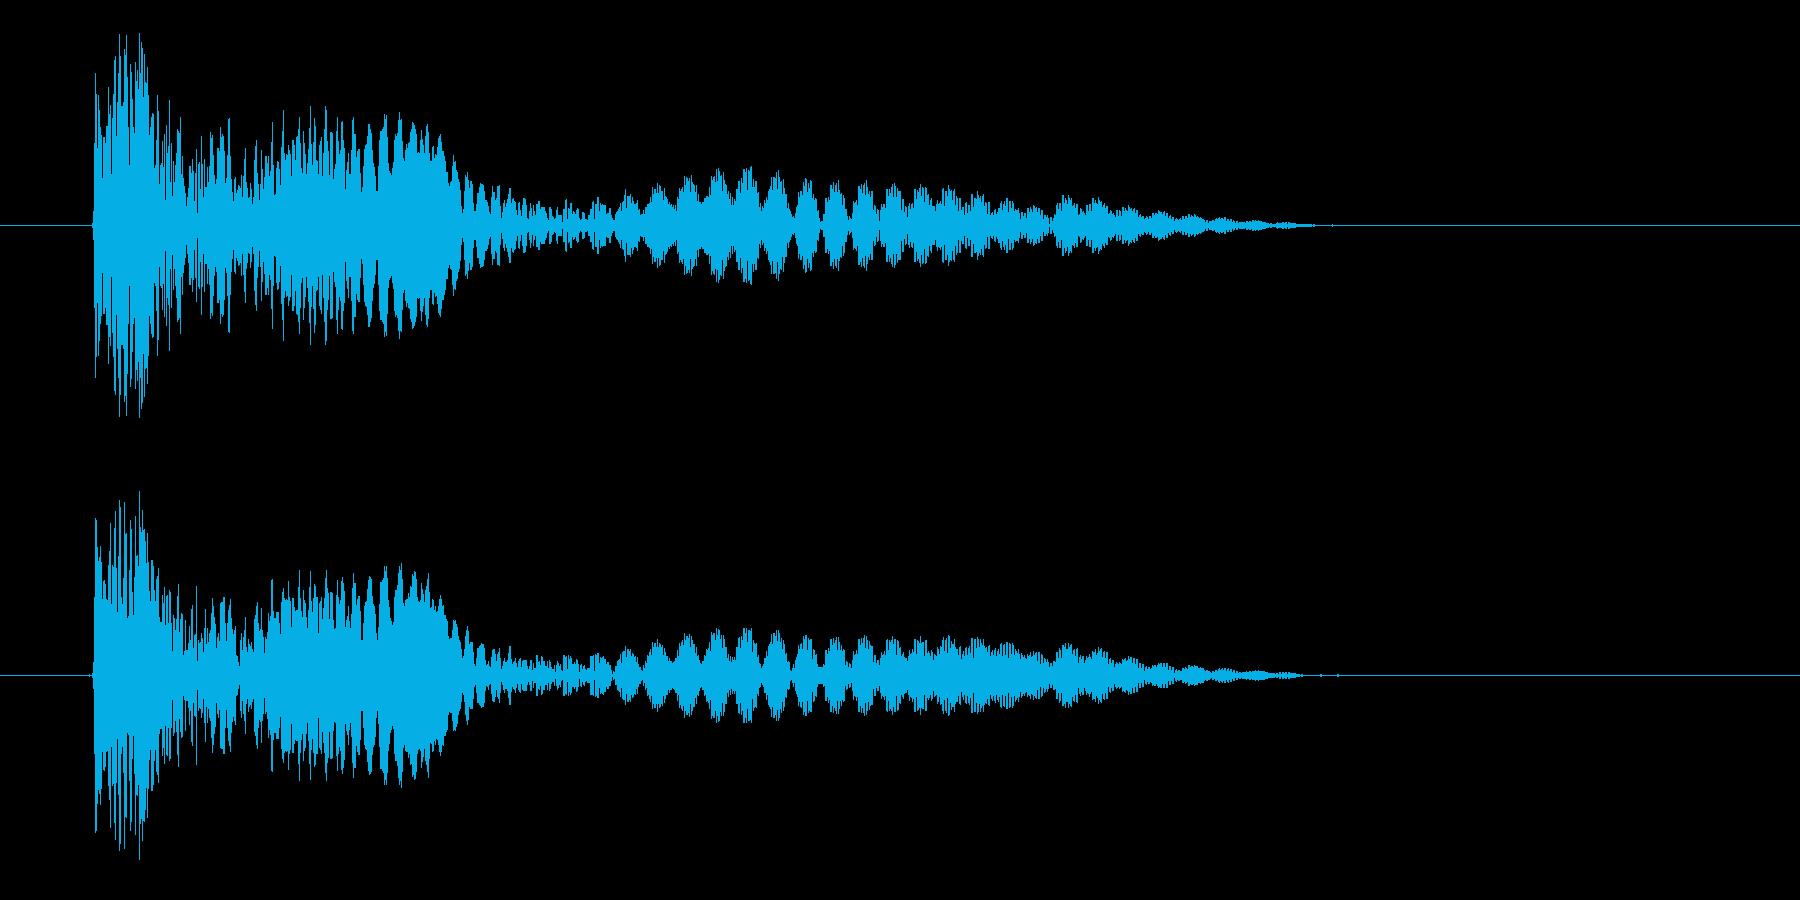 ぼーよよん、と低く鈍く下がる音です。の再生済みの波形